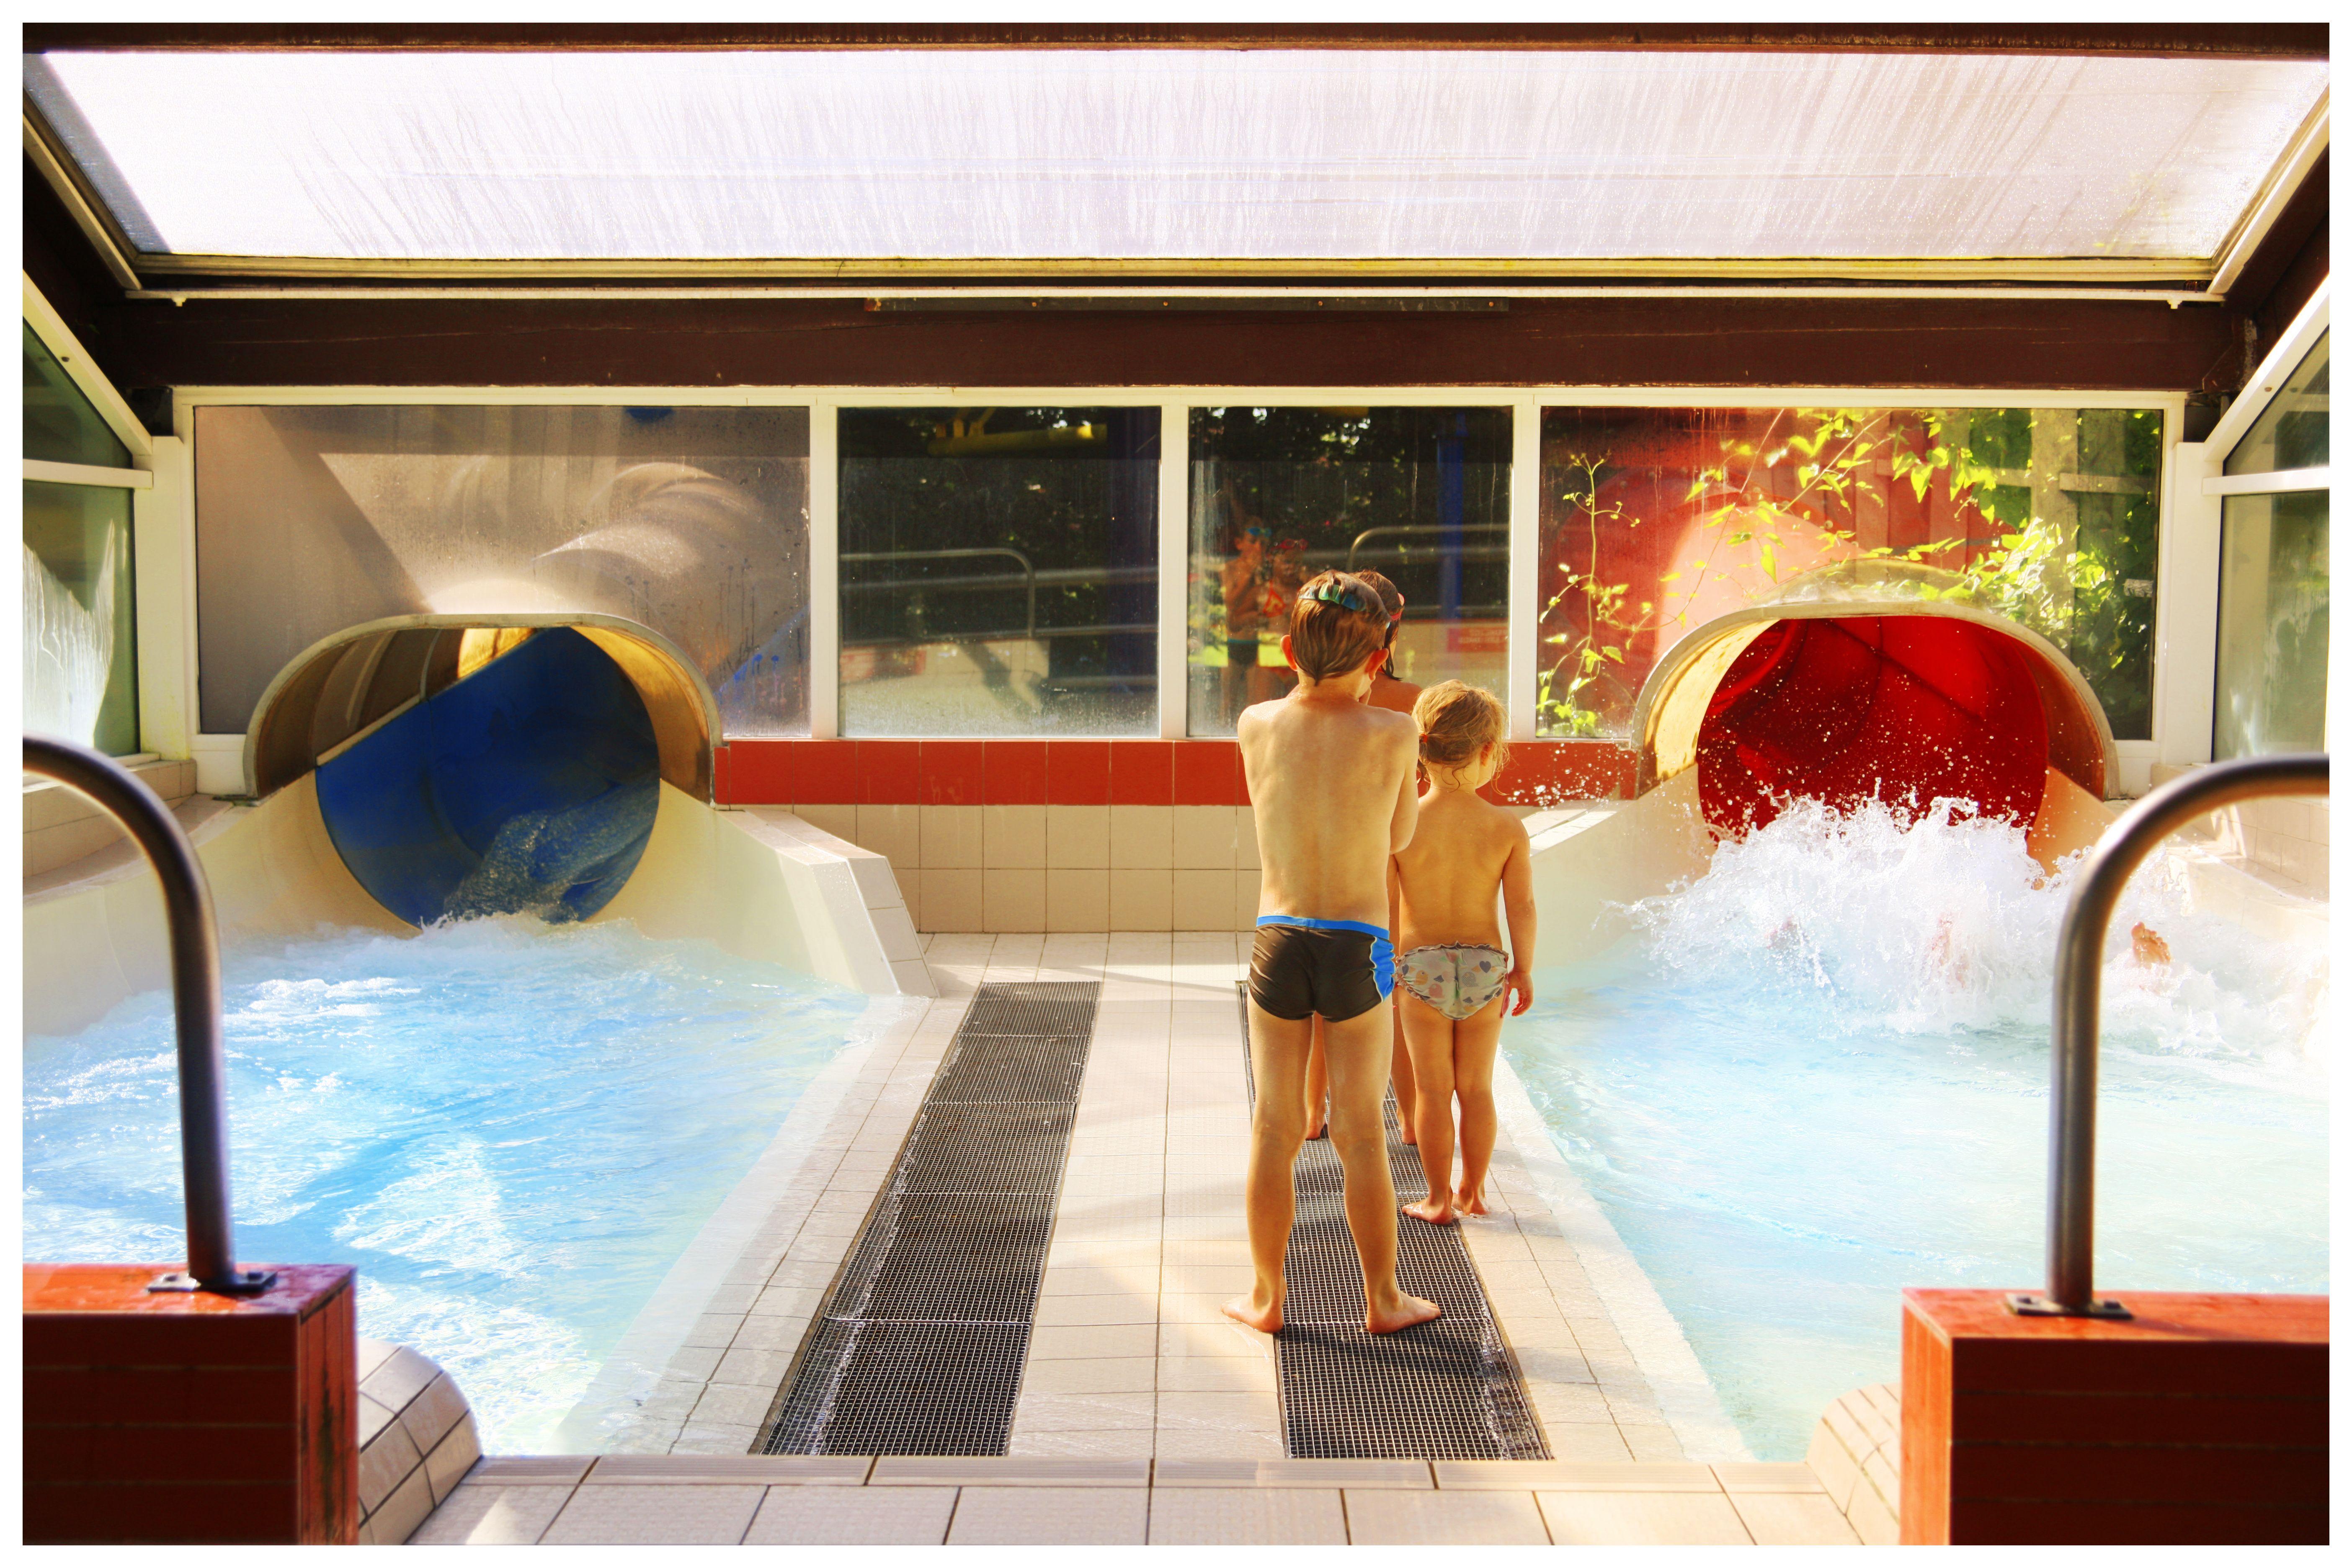 la piscine olympique d 39 amn ville les thermes et ses toboggans aquatiques vous feront passer des. Black Bedroom Furniture Sets. Home Design Ideas